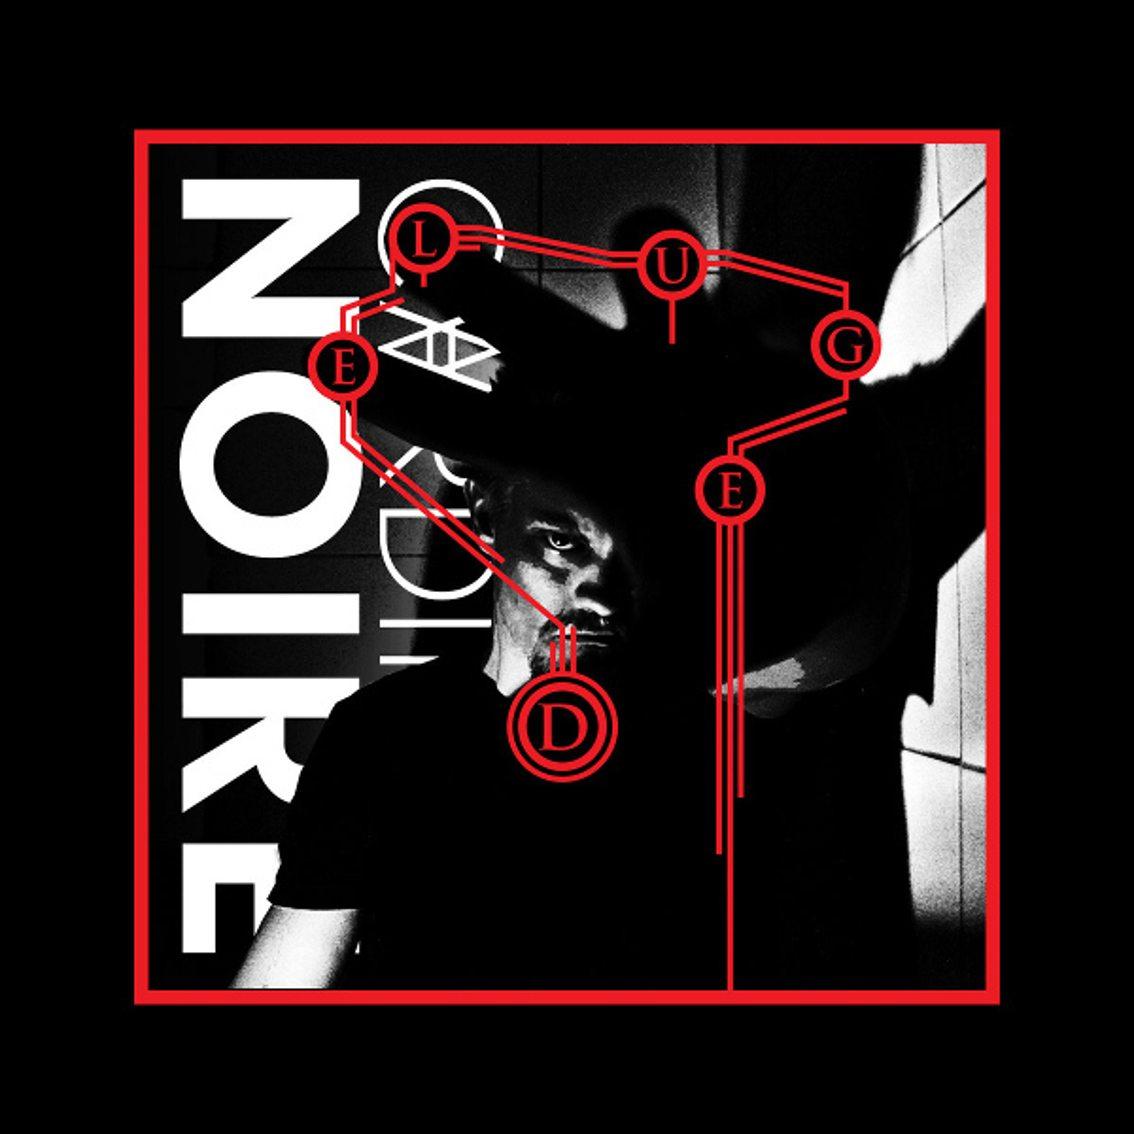 Cardinal Noire returns with 'Deluge' album